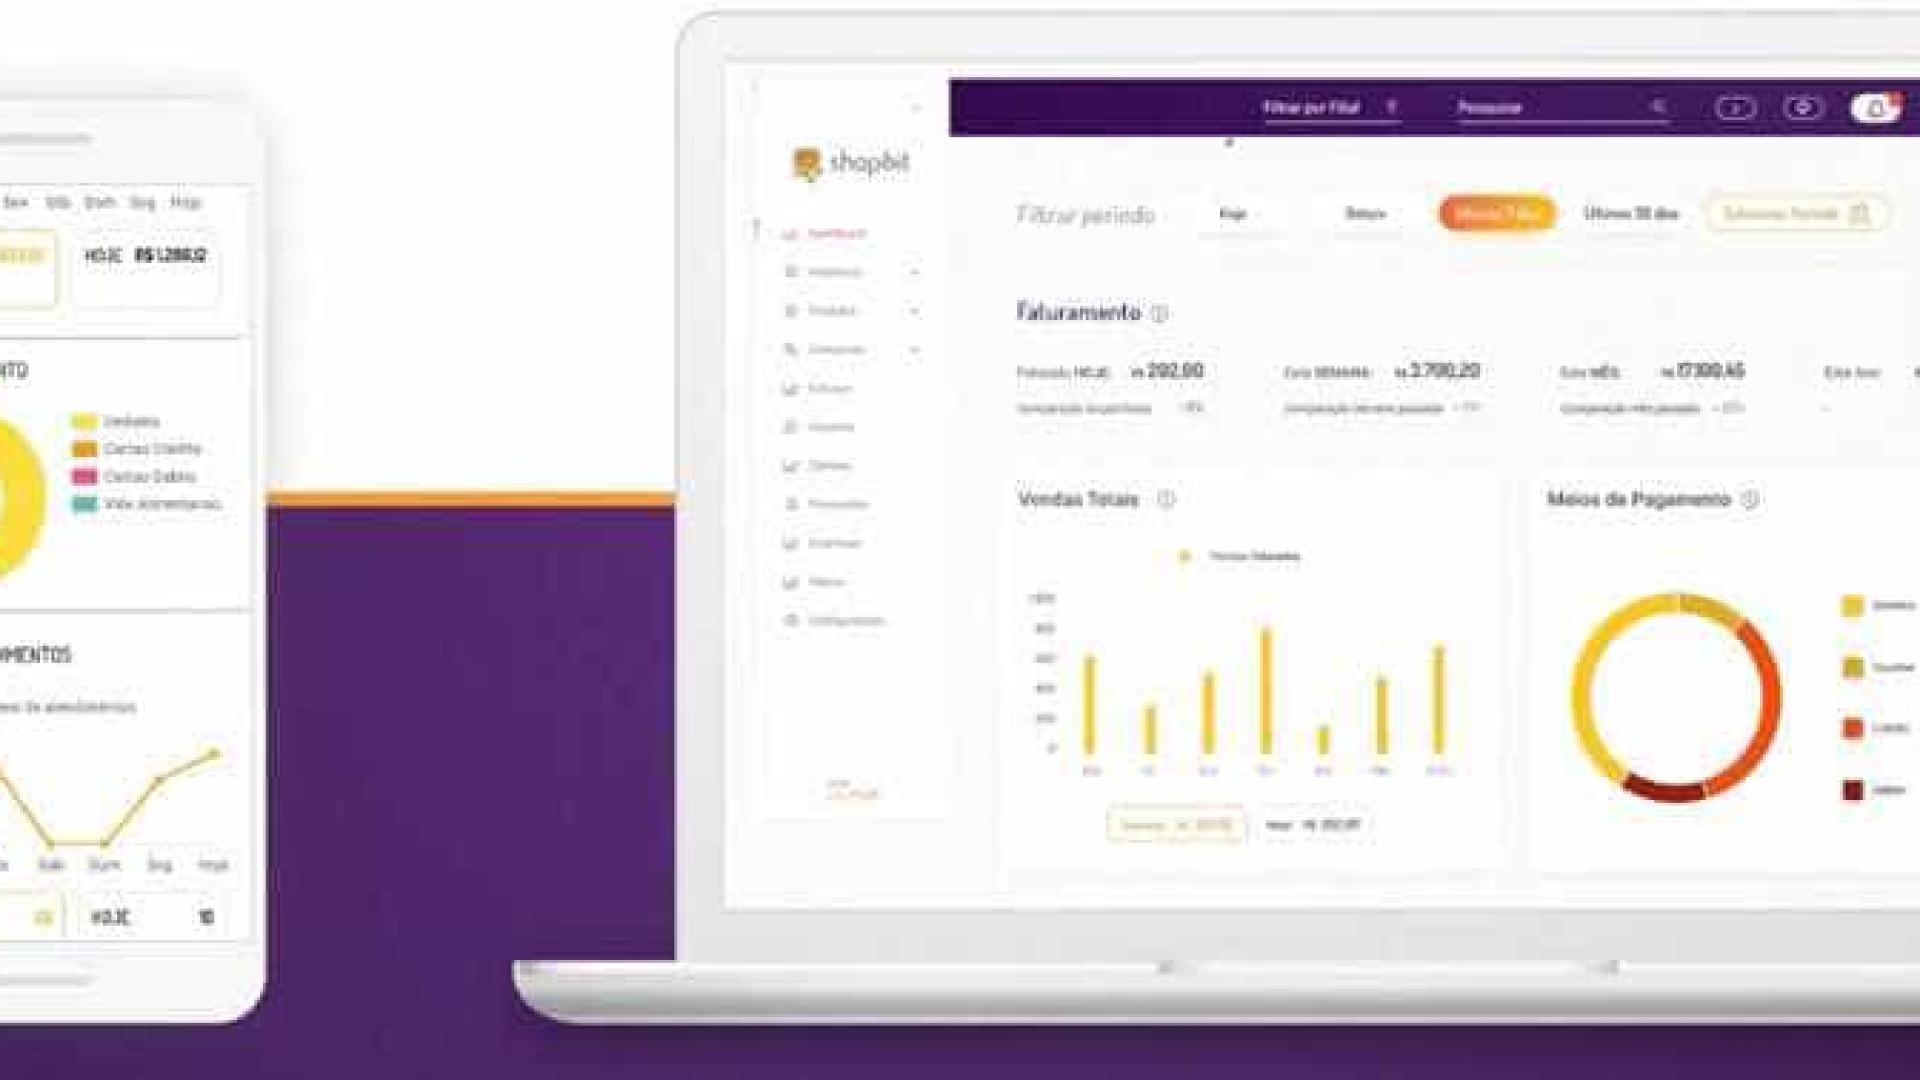 Empresa lança app de gestão para micro, pequenas e médias empresas